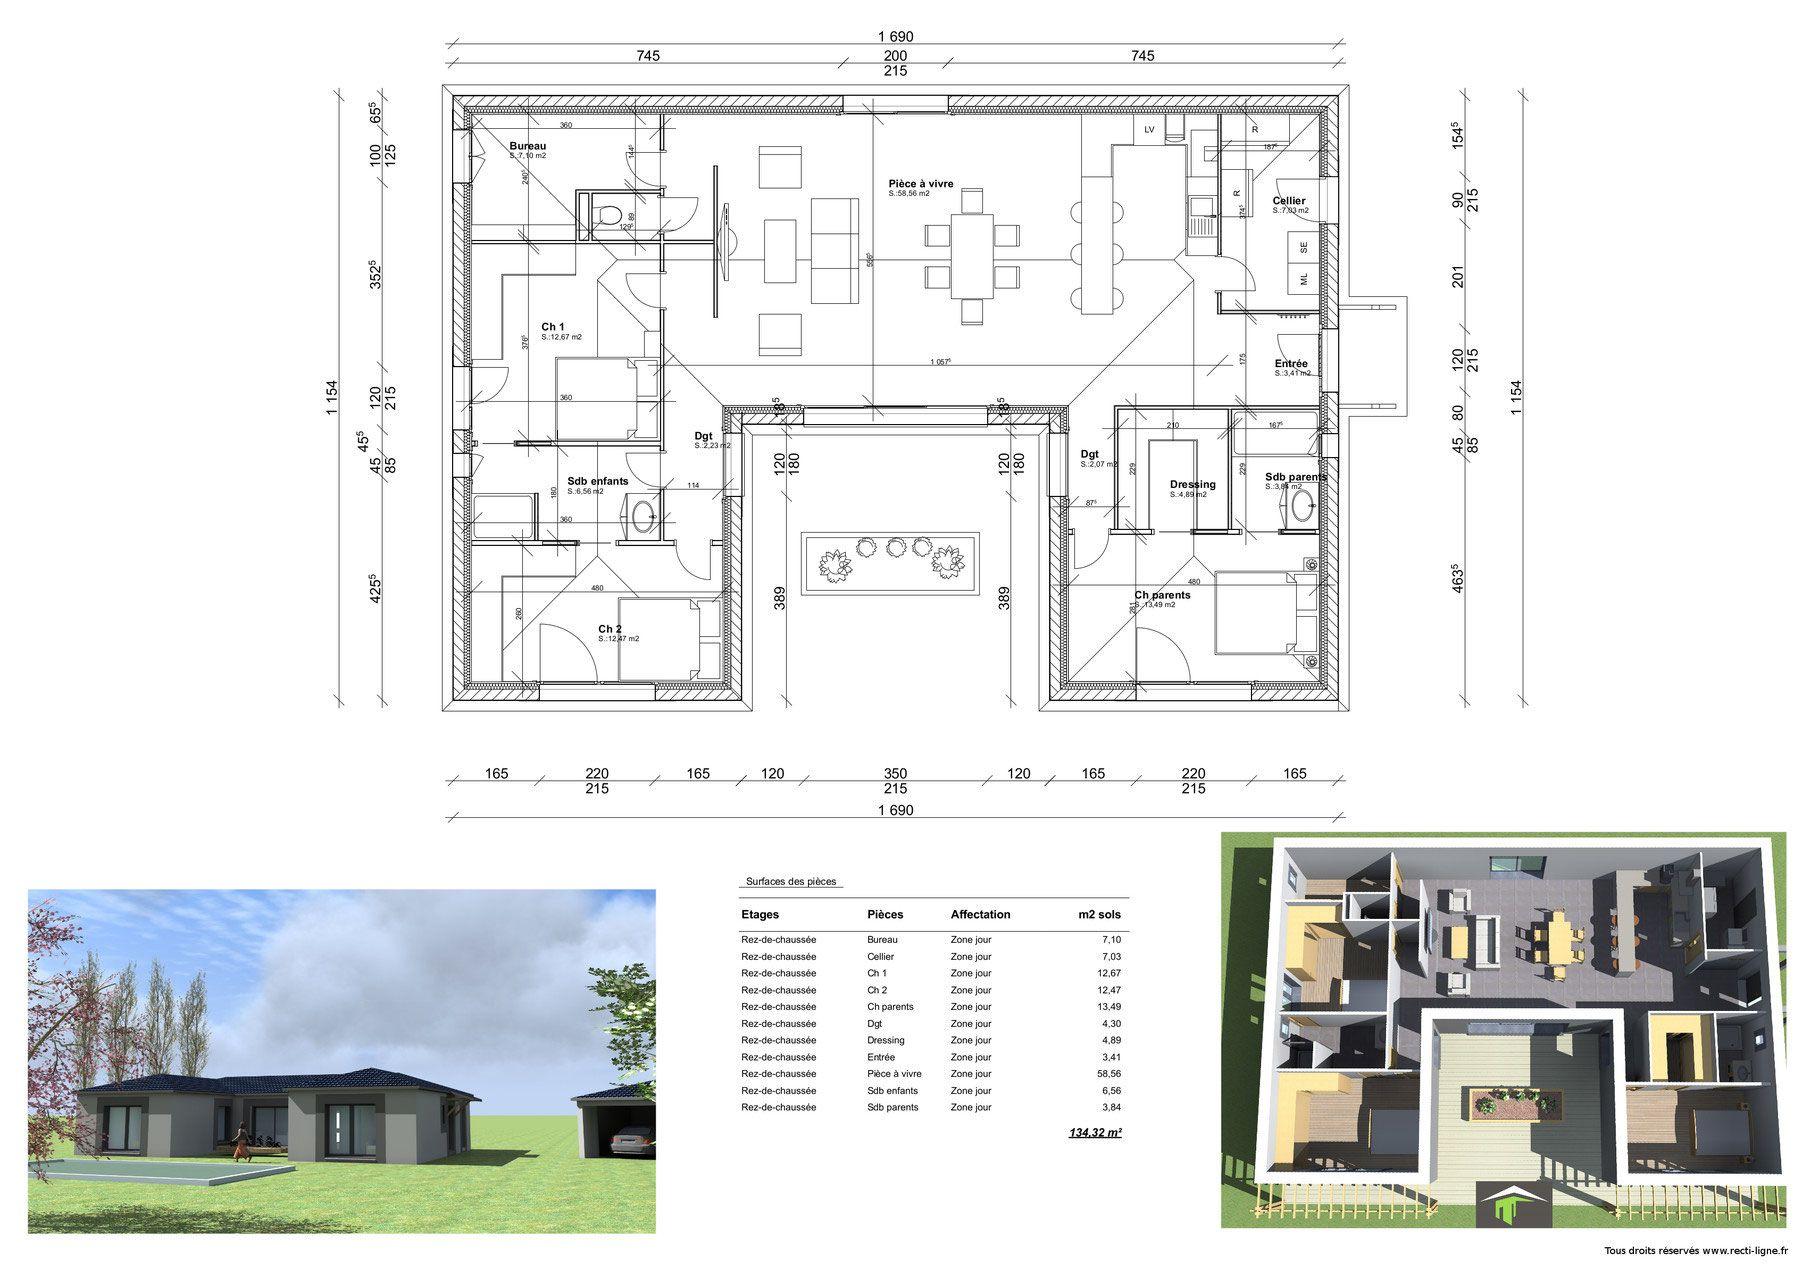 Maison Traditionnelle Dessinateur Plans Permis De Construire